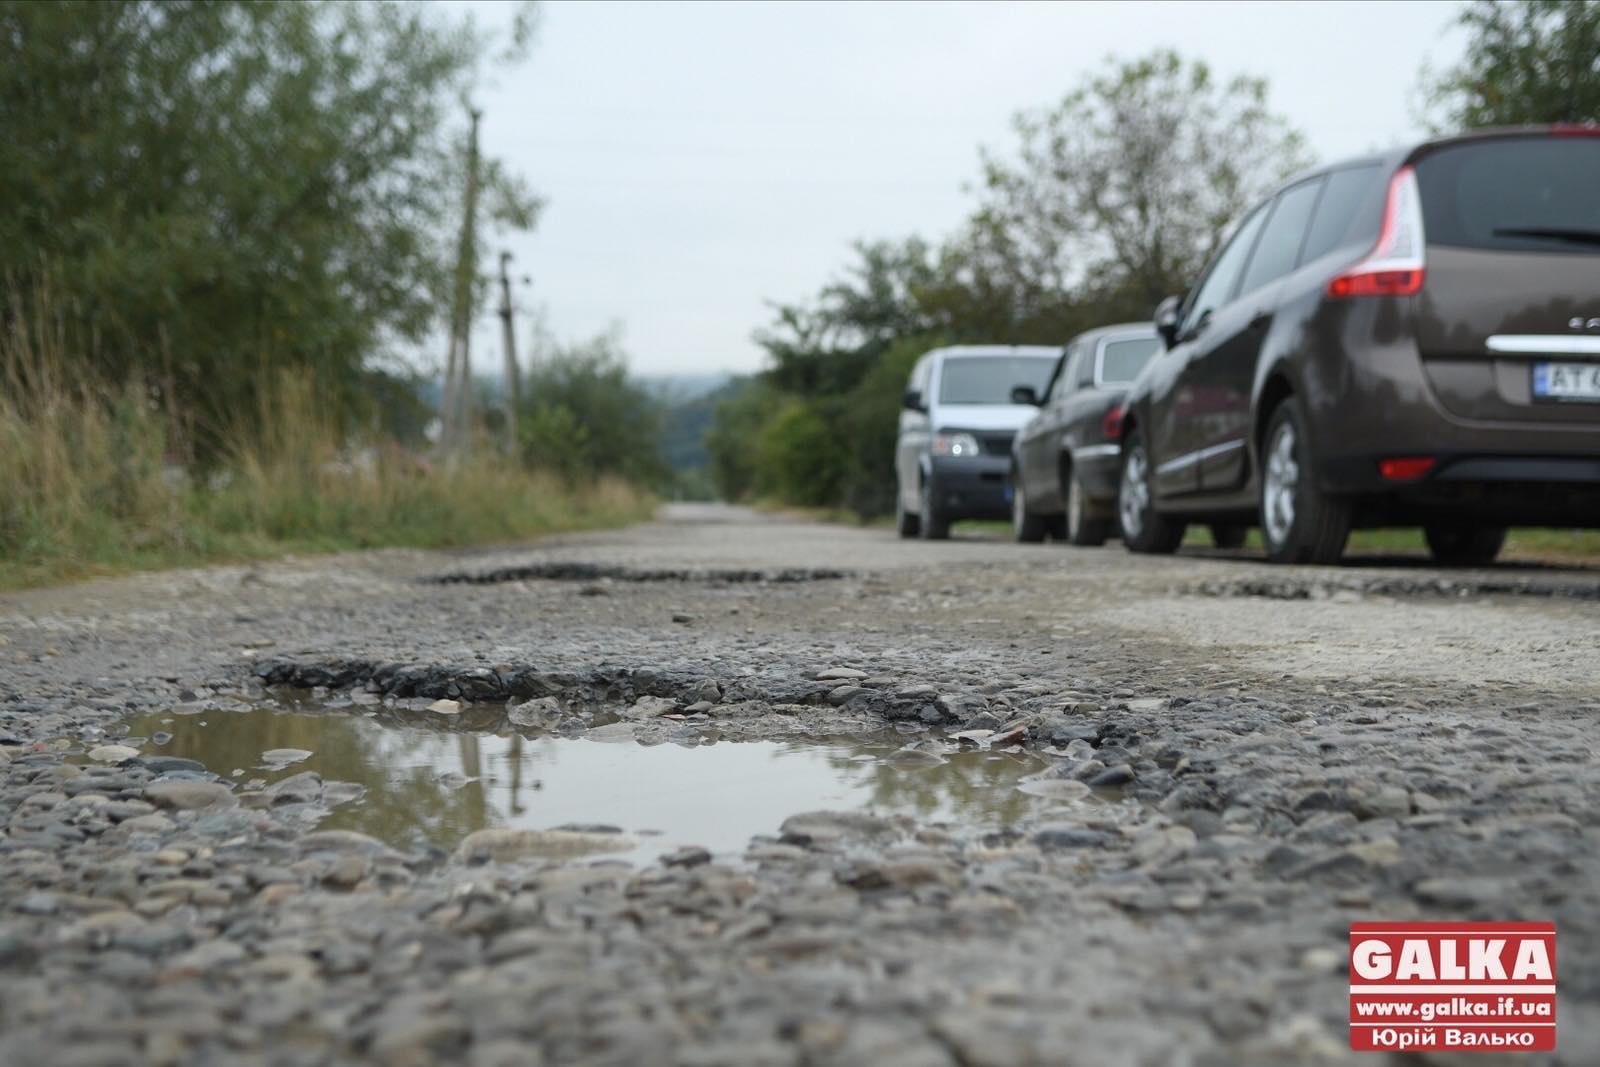 Погані дороги заважають розвивати туризм і економікуРожнятівщини, – Шмигаль (ФОТО)